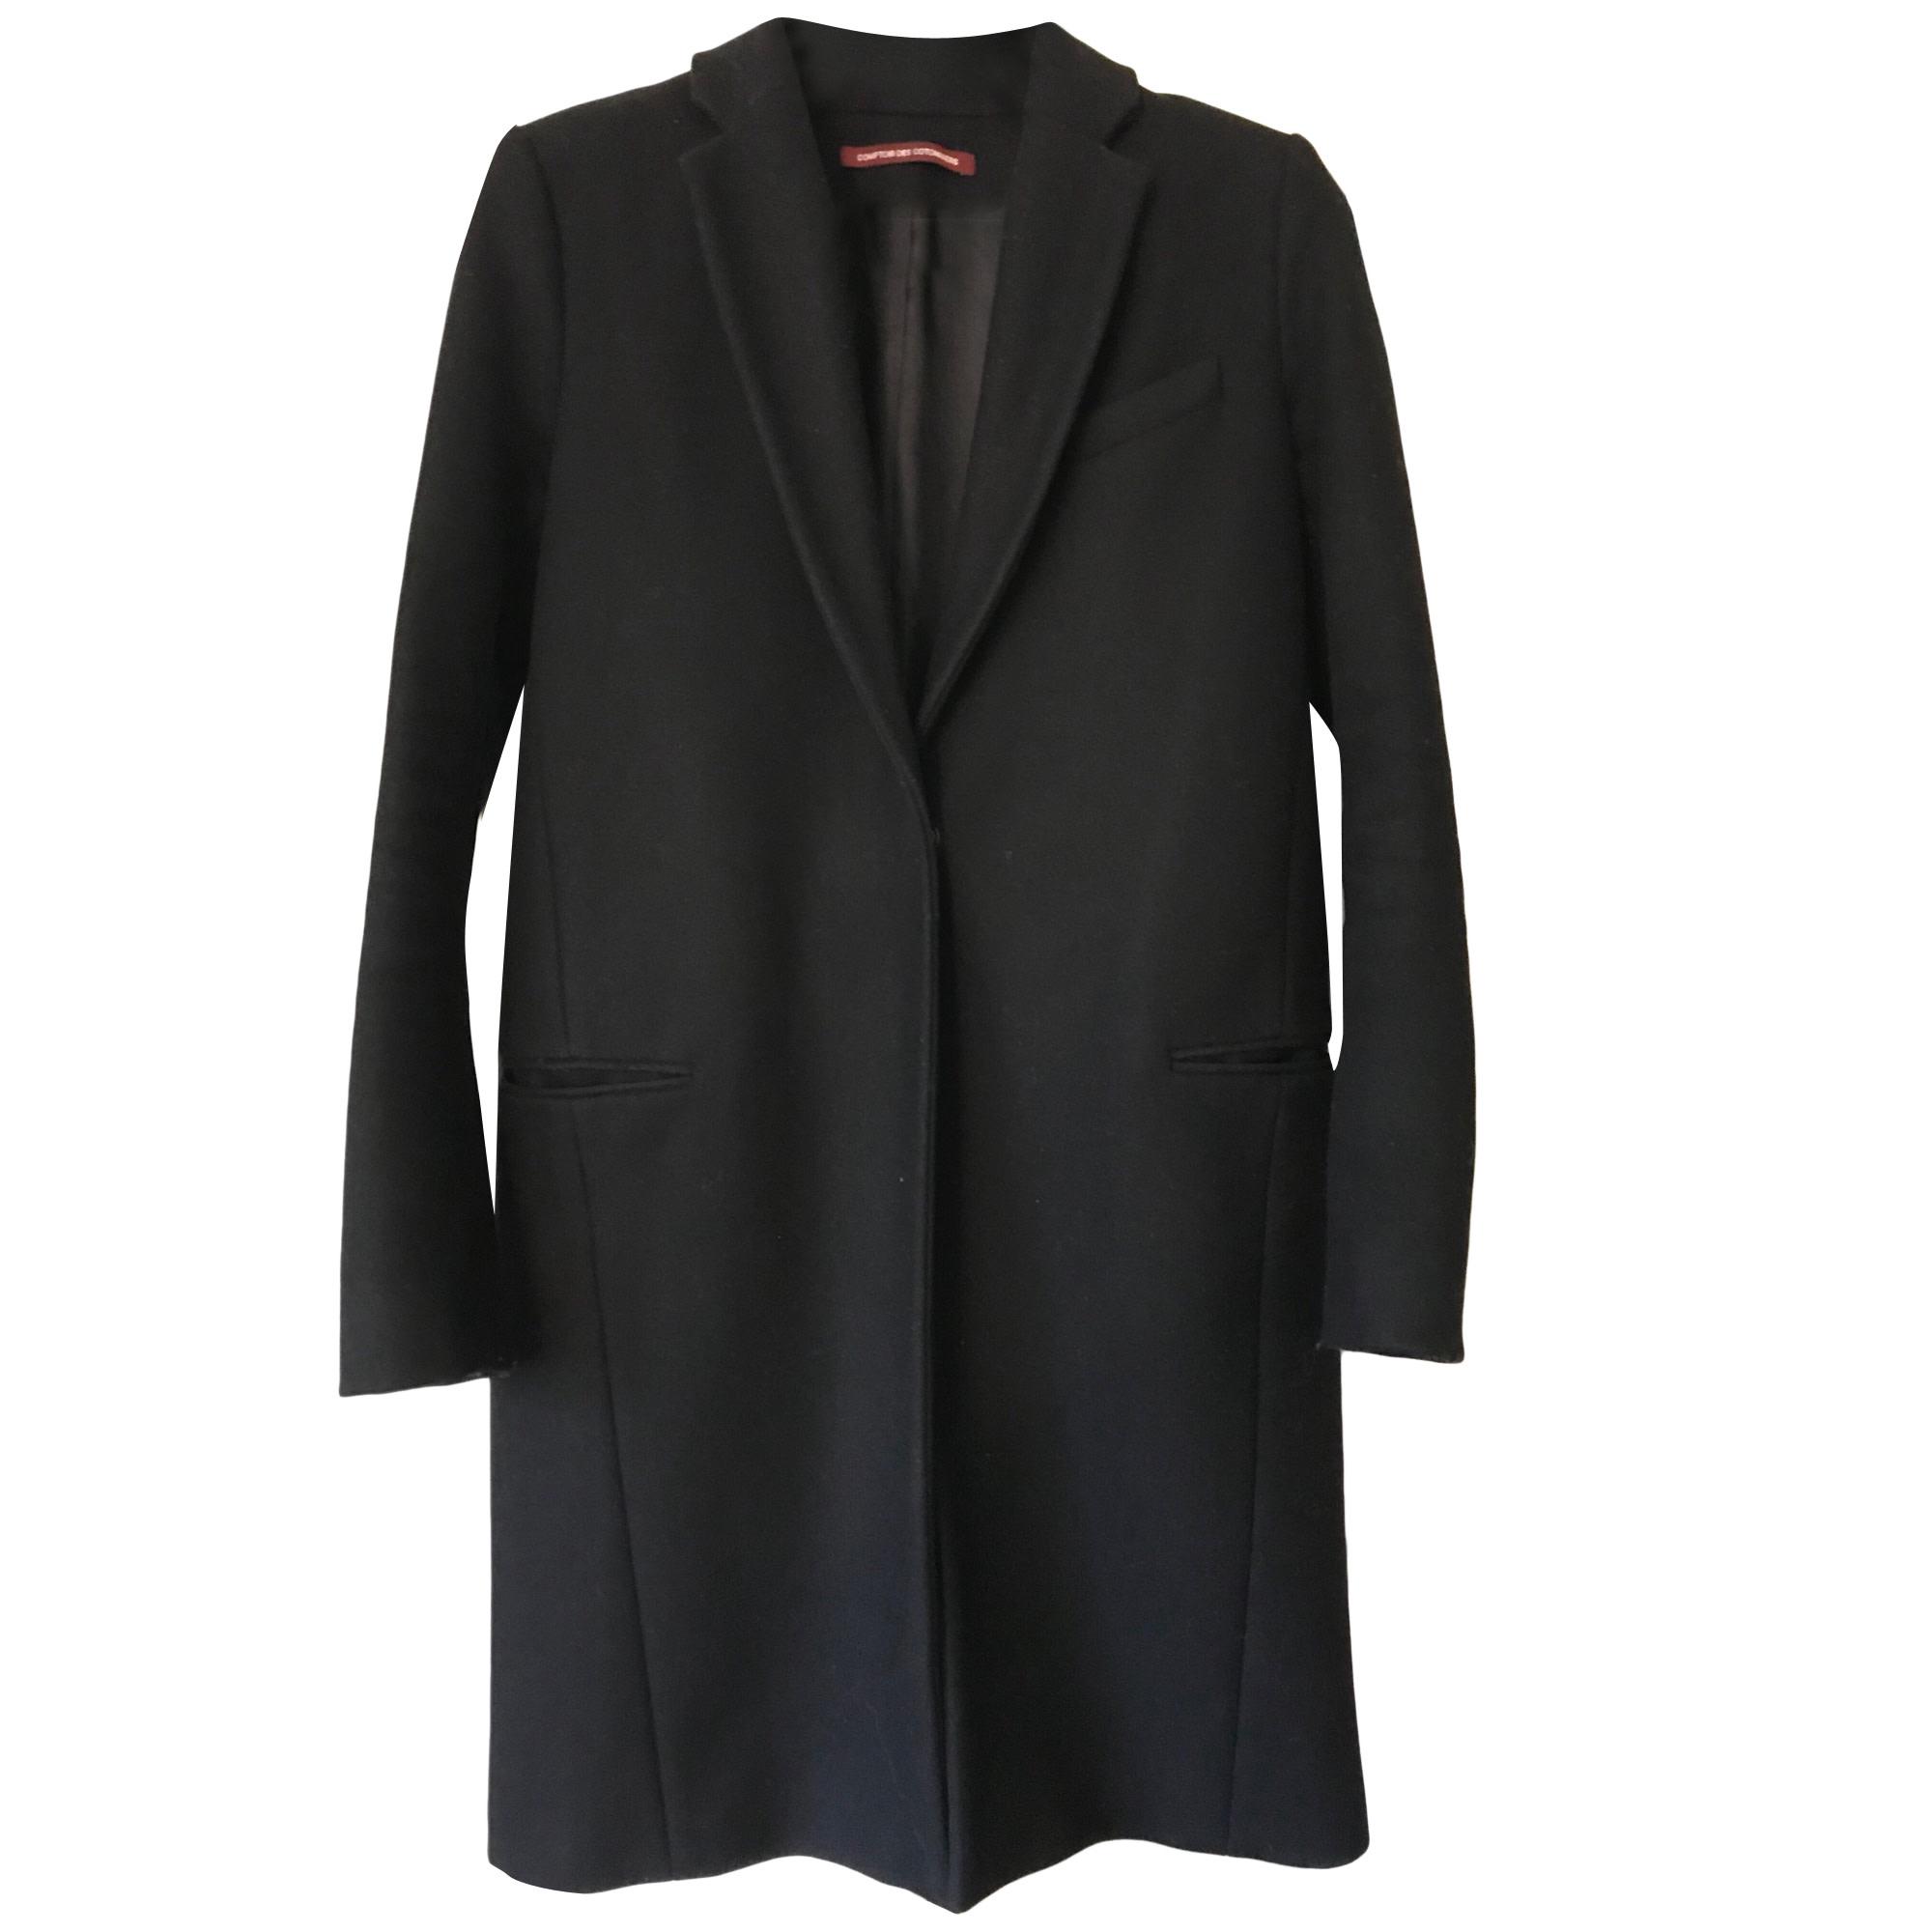 Manteau comptoir des cotonniers 36 s t1 noir vendu par - Comptoir des cotonniers ch ...